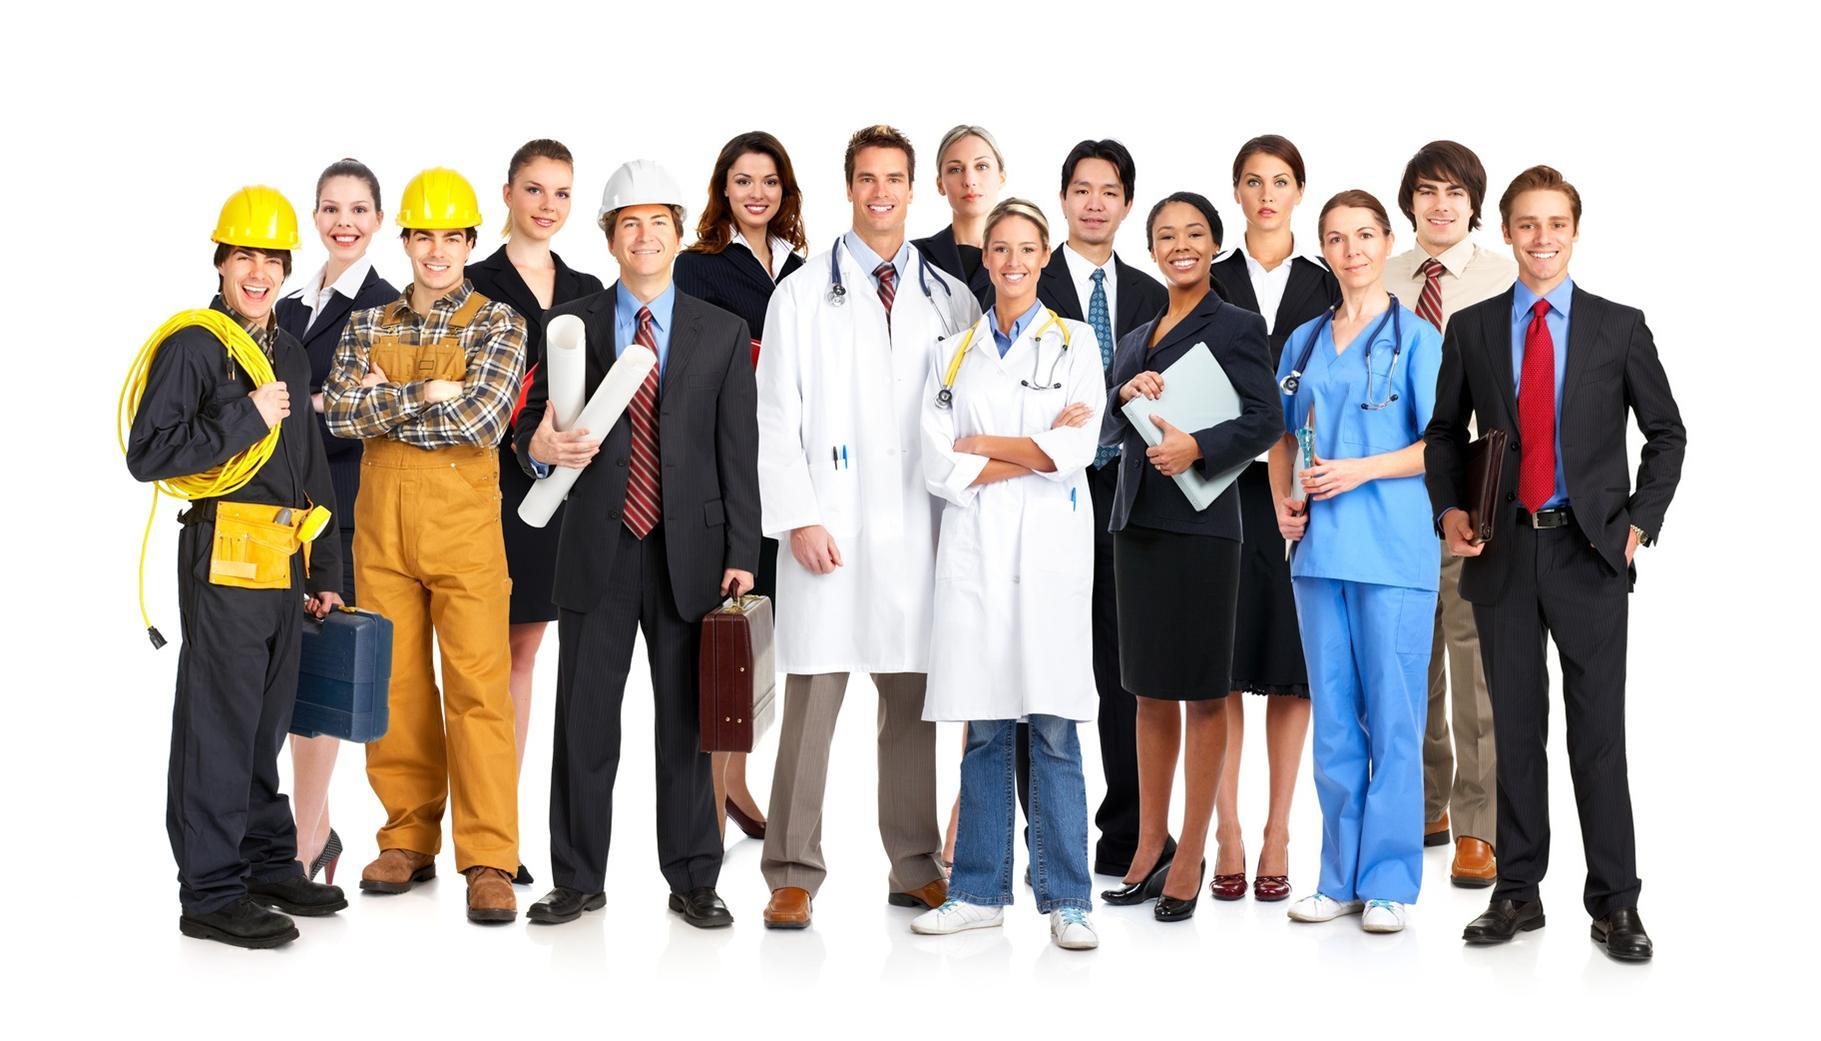 5 أكثر القطاعات التي توظف المواطنون في الإمارات خلال سنة 2015